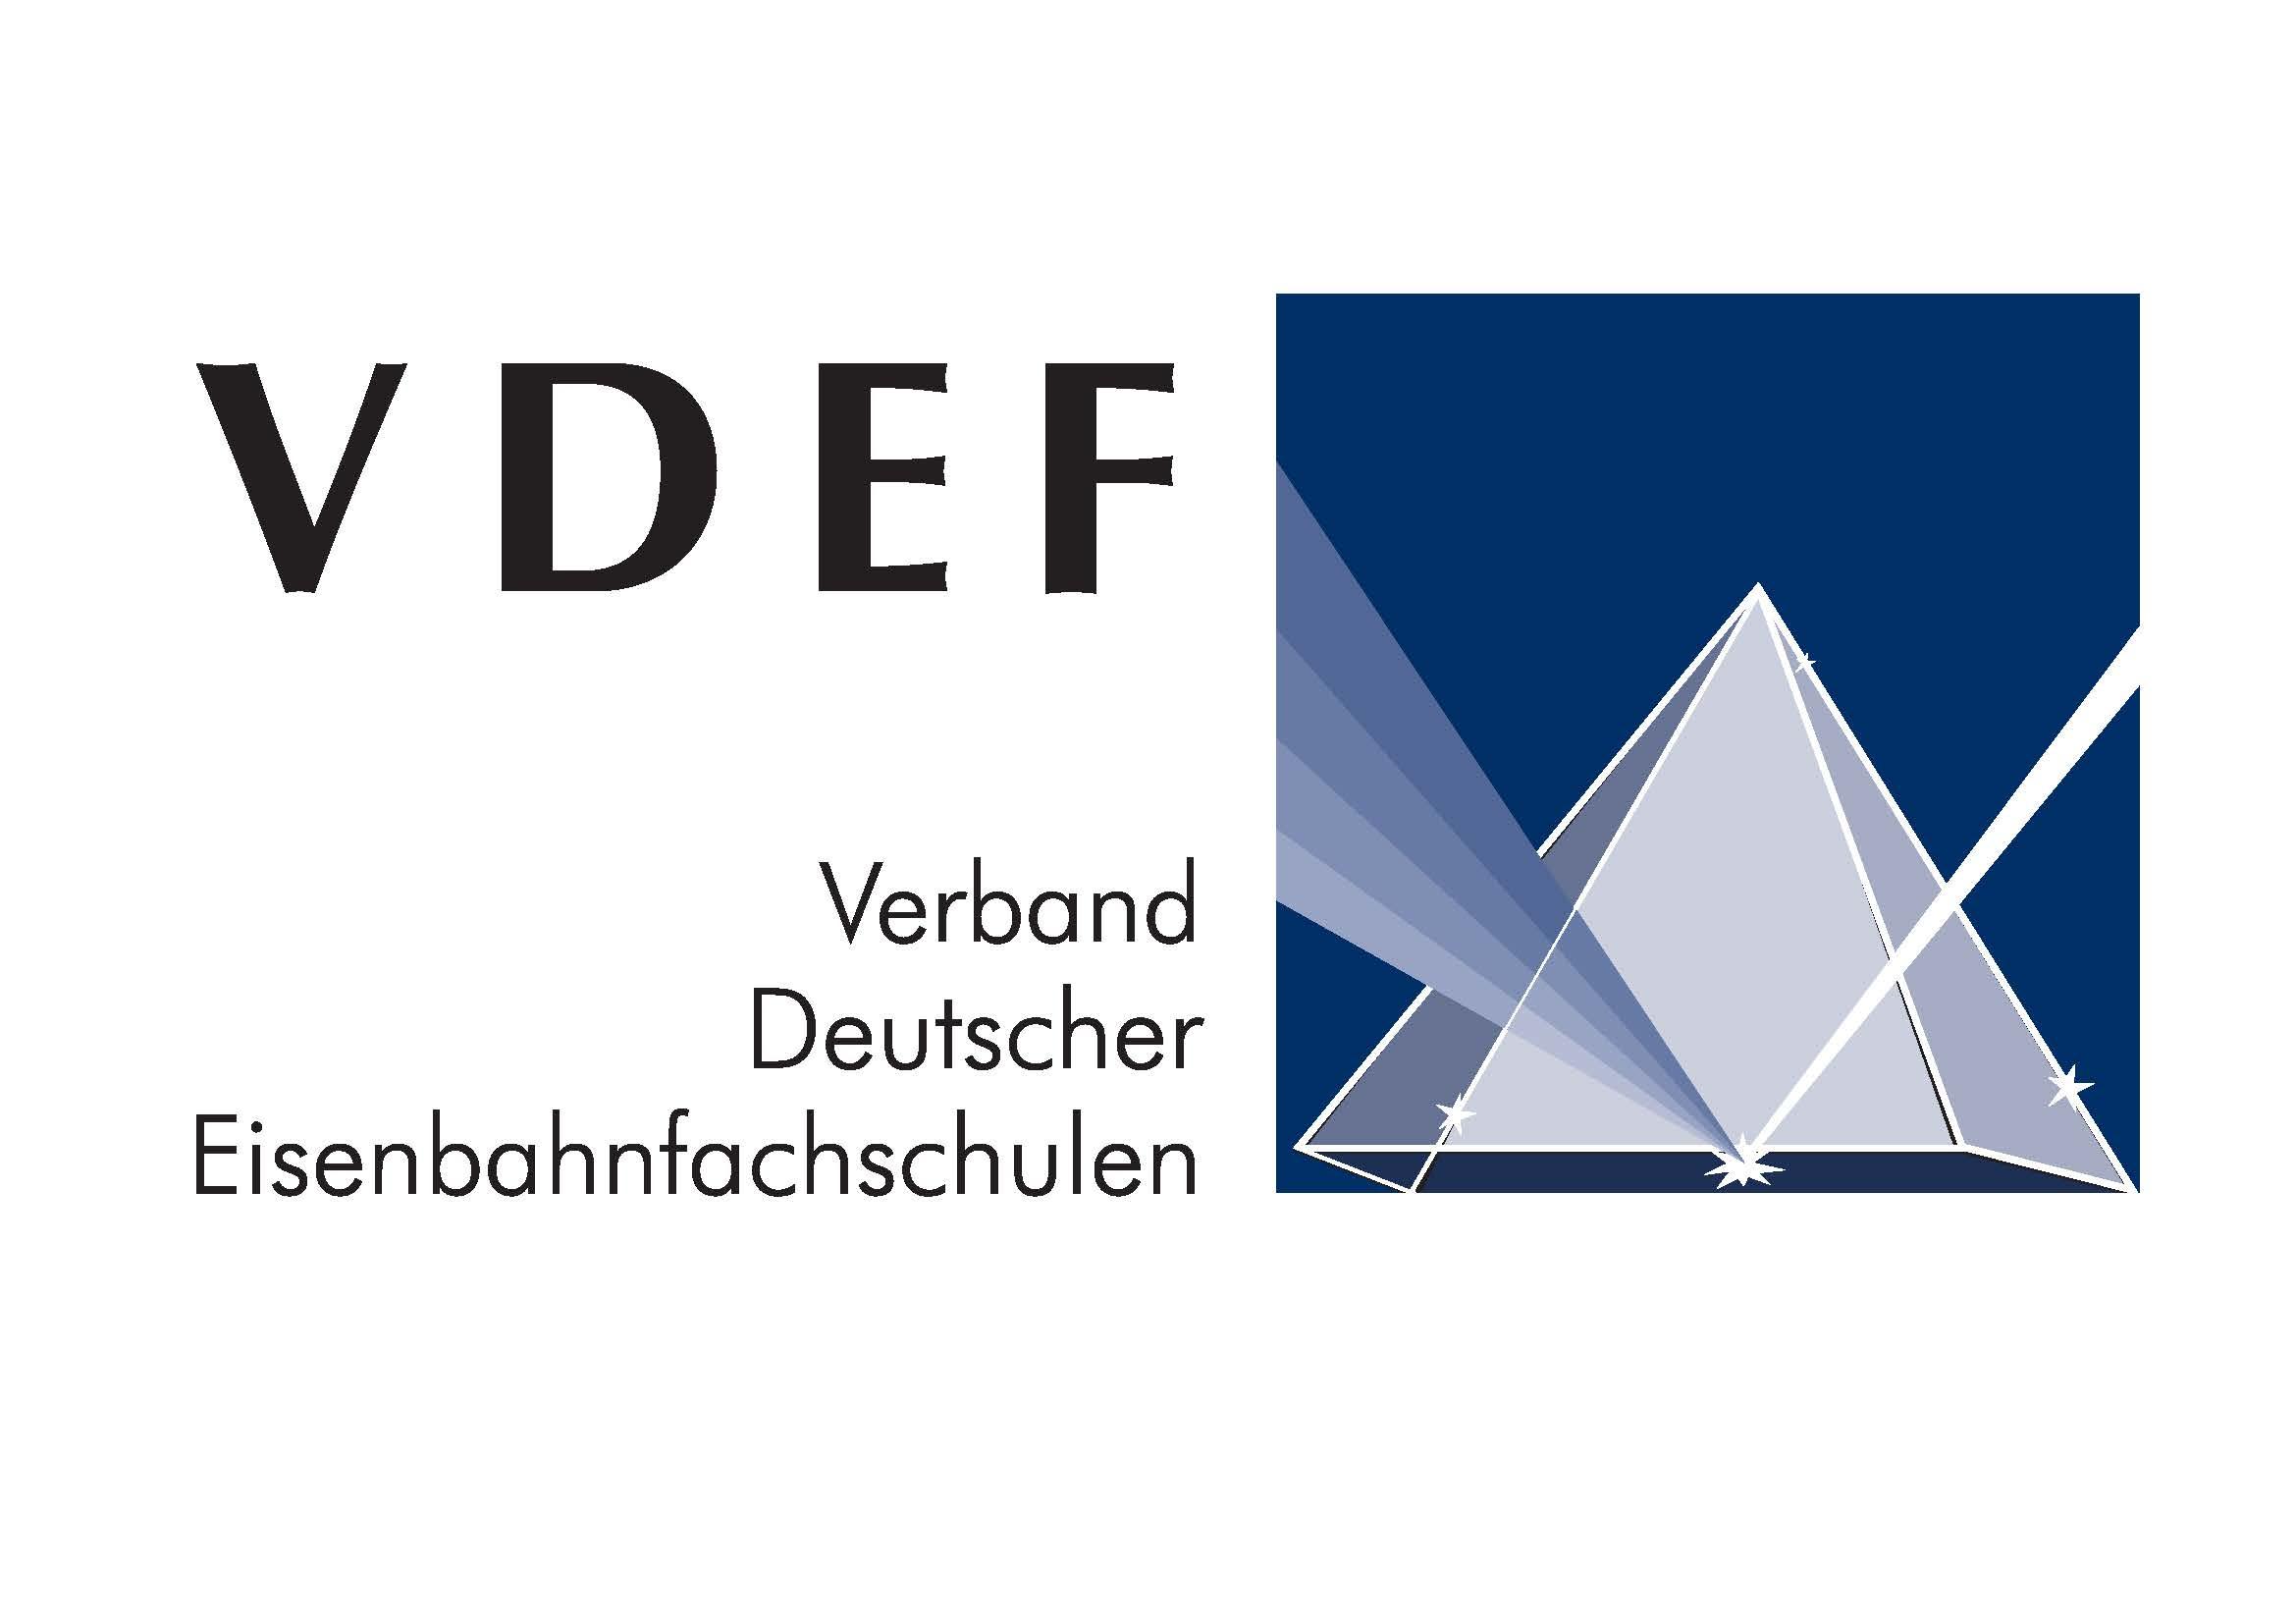 VDEF - Verband Deutscher Eisenbahnfachschulen